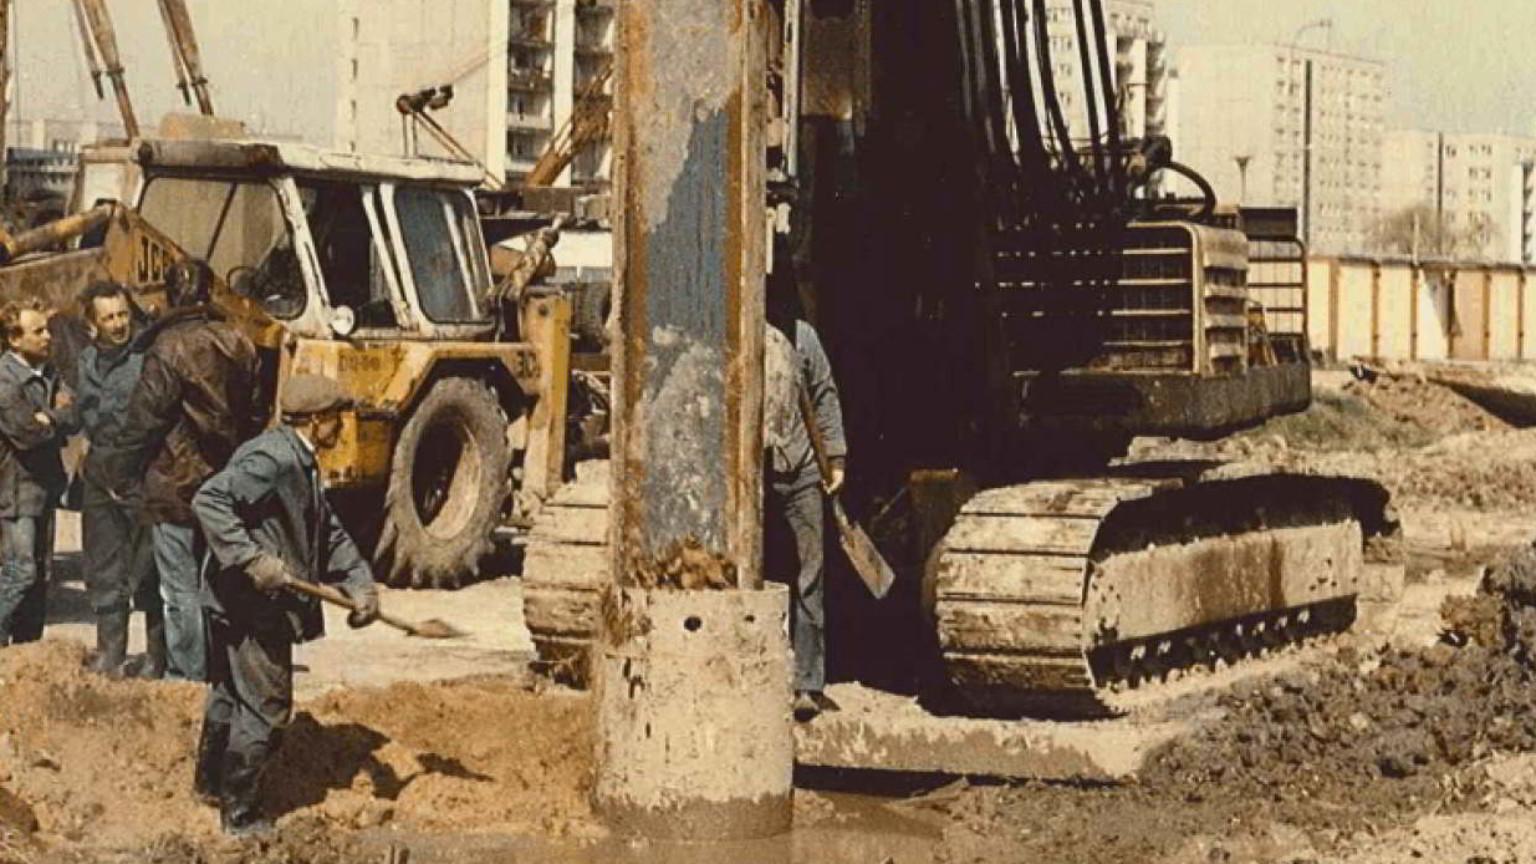 Zdjęcie dla kartki: (Skuteczne) rozpoczęcie budowy warszawskiego metra